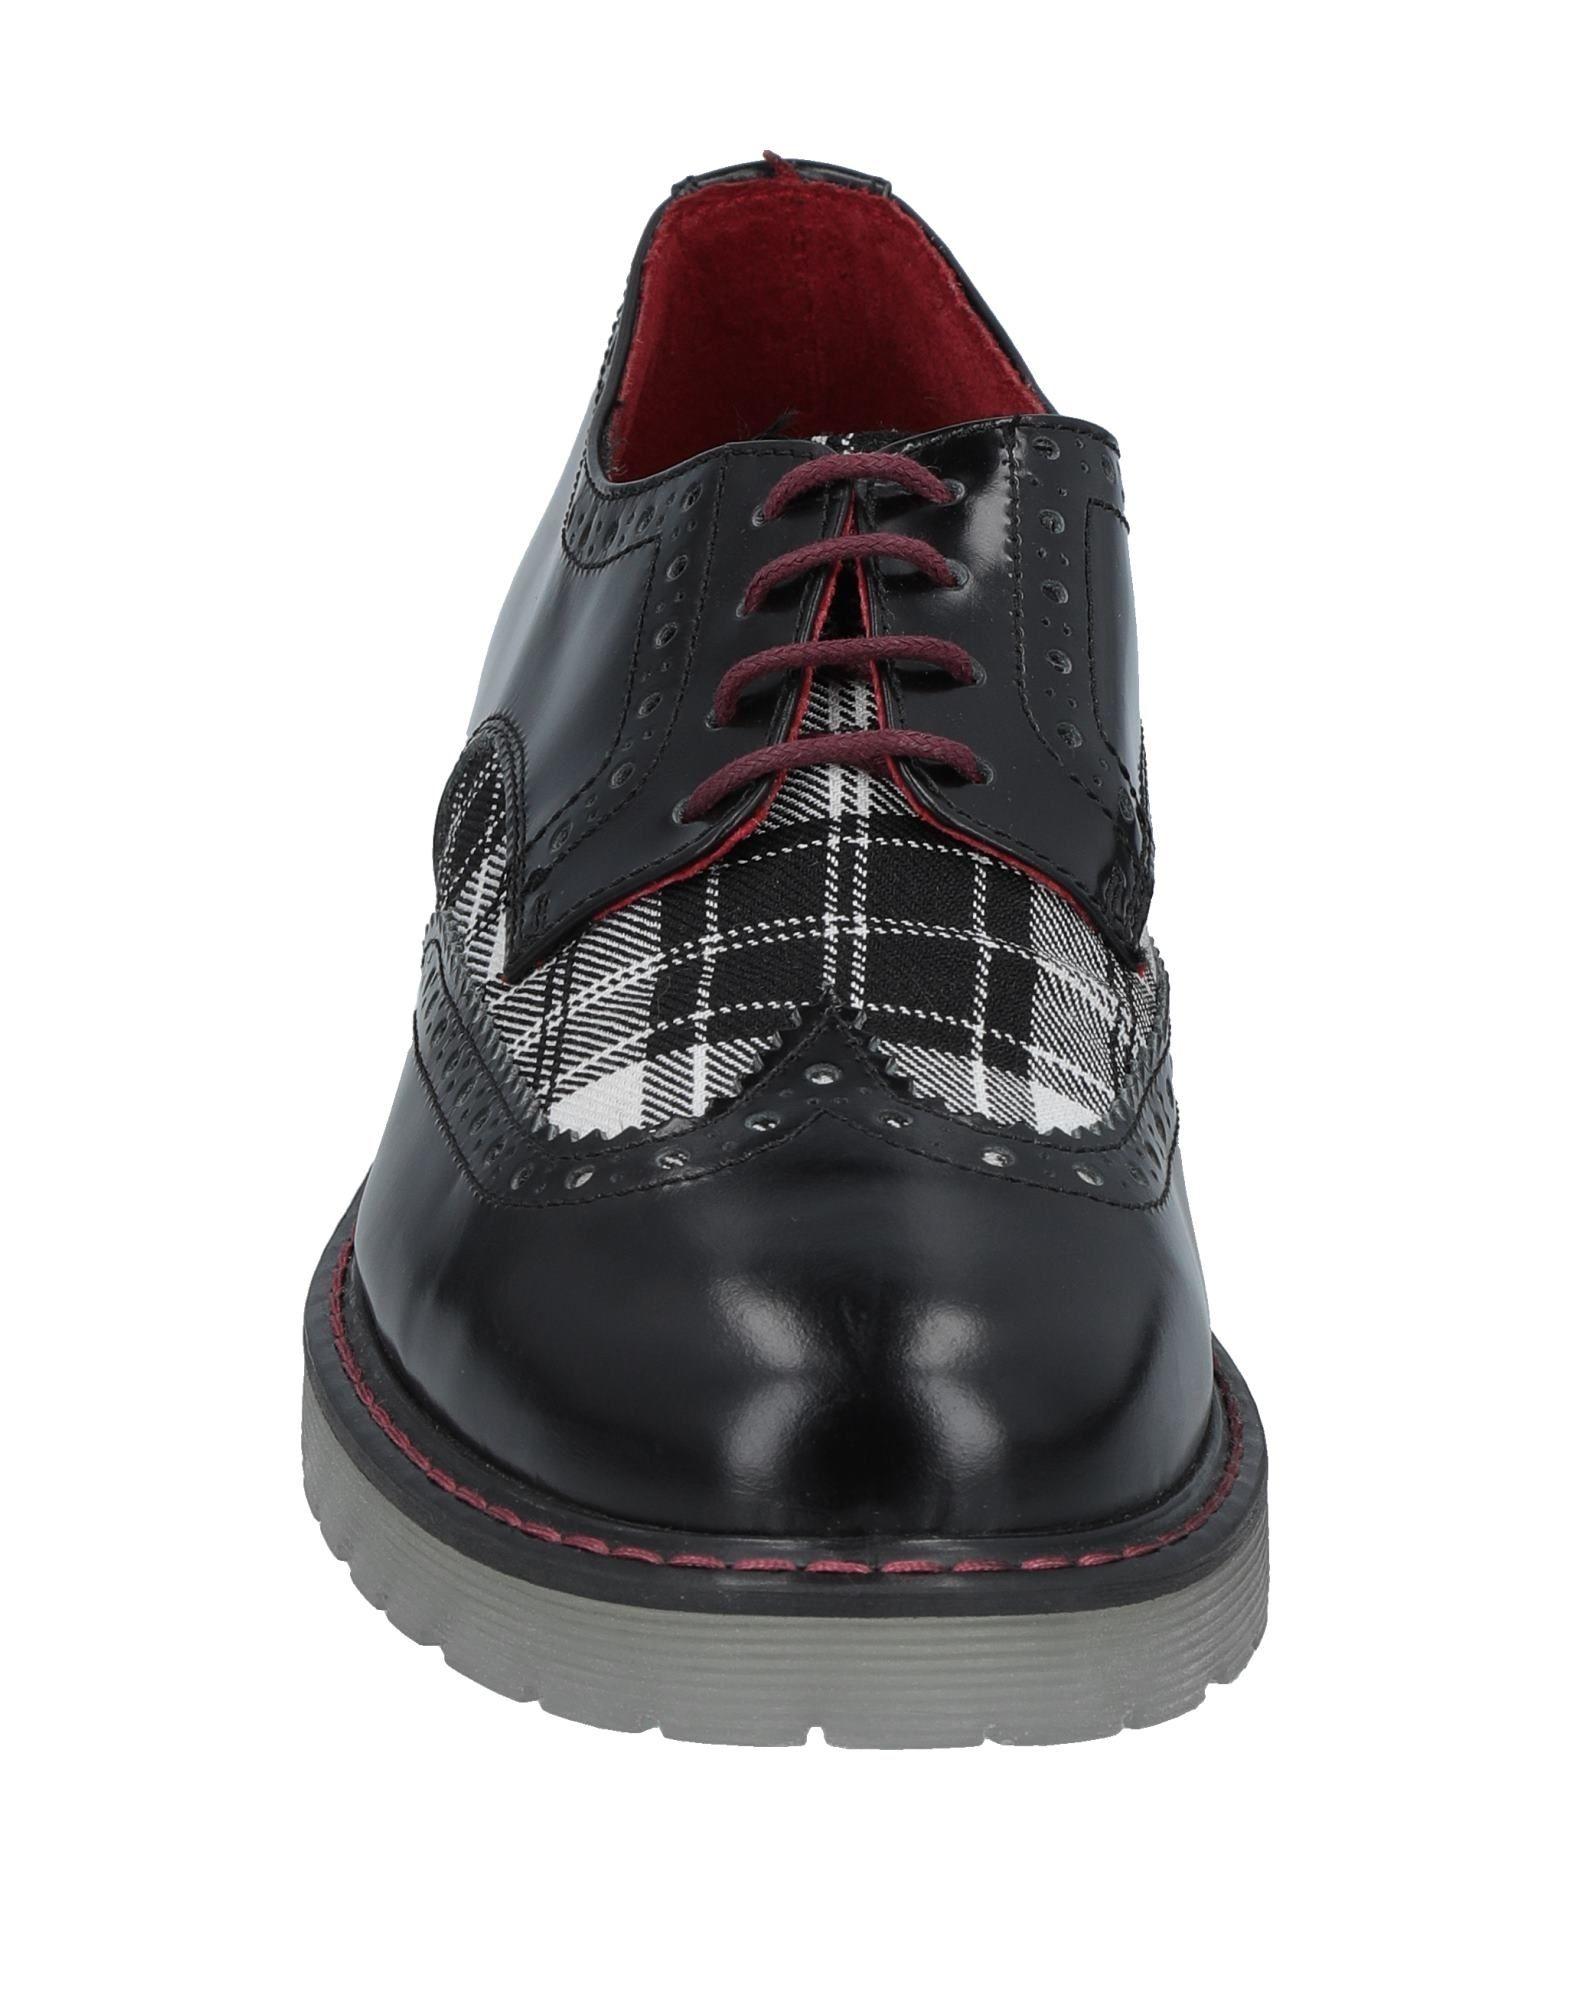 Maison Zero Q Schnürschuhe 11523352AP Damen  11523352AP Schnürschuhe Gute Qualität beliebte Schuhe 610e23